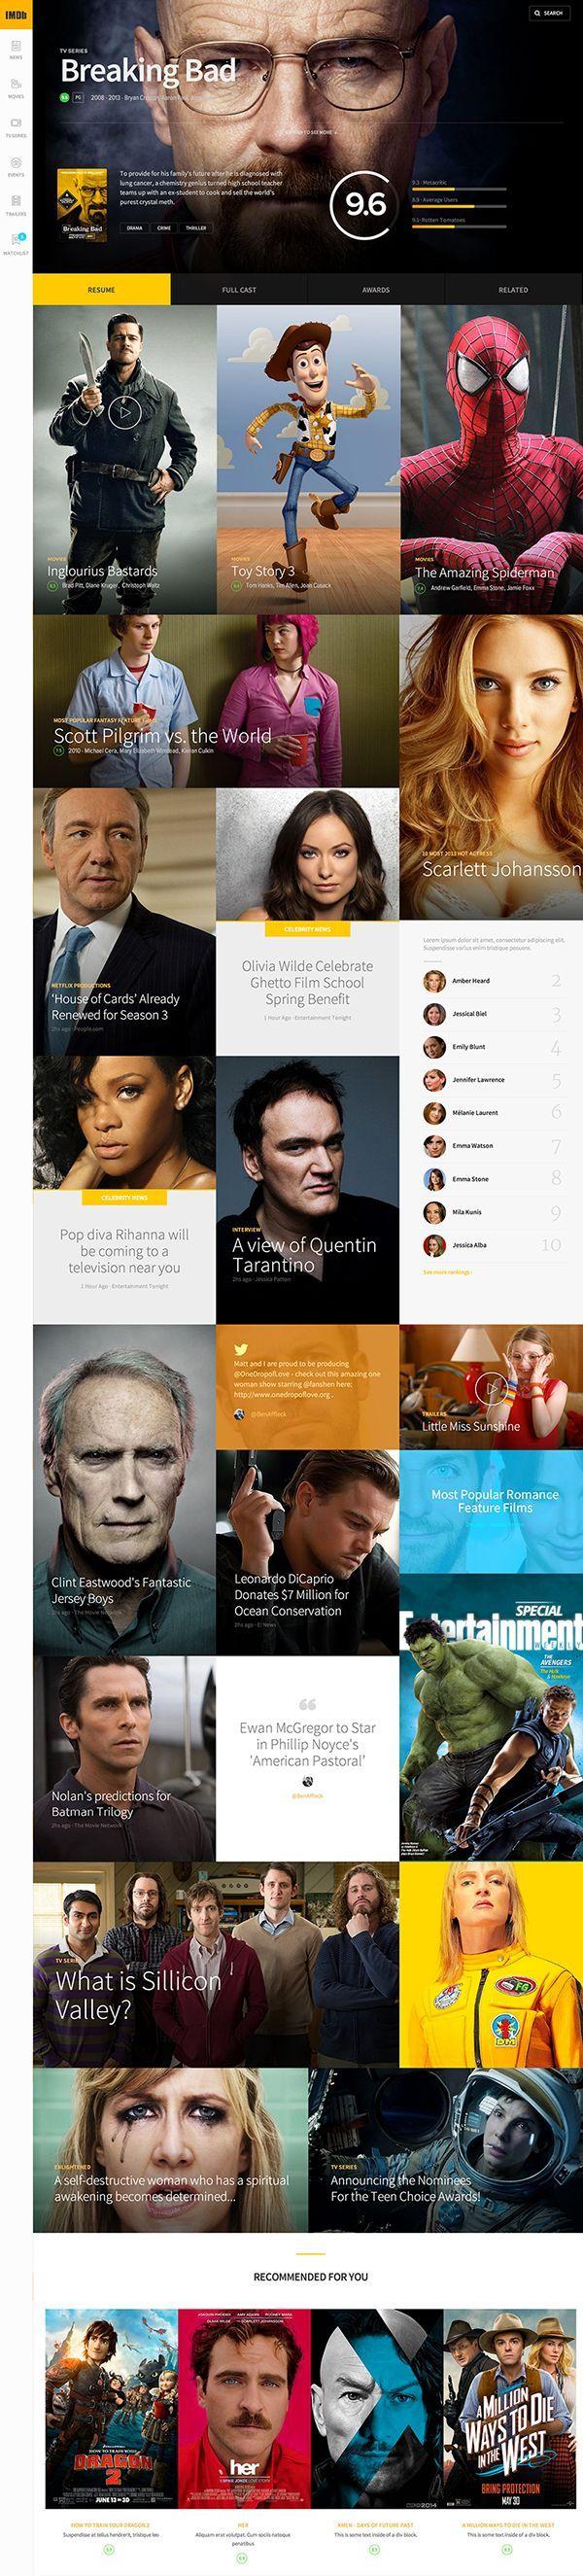 IMDb concept design by João Paulo Teixeira #inspiration #ux #ui